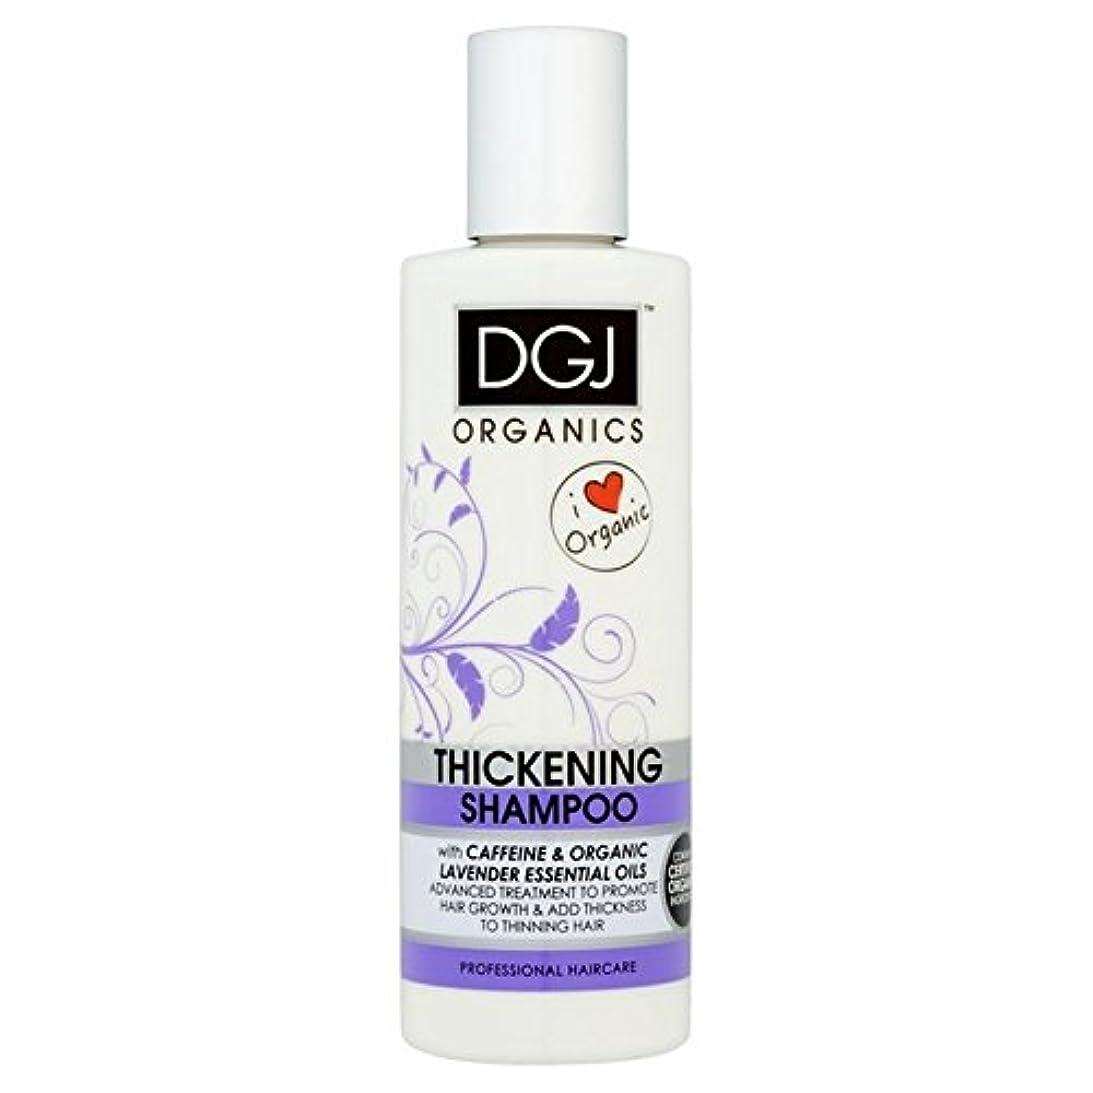 おいしい知り合い出力カフェインの250ミリリットルと有機物の肥厚シャンプー x4 - DGJ Organics Thickening Shampoo with Caffeine 250ml (Pack of 4) [並行輸入品]